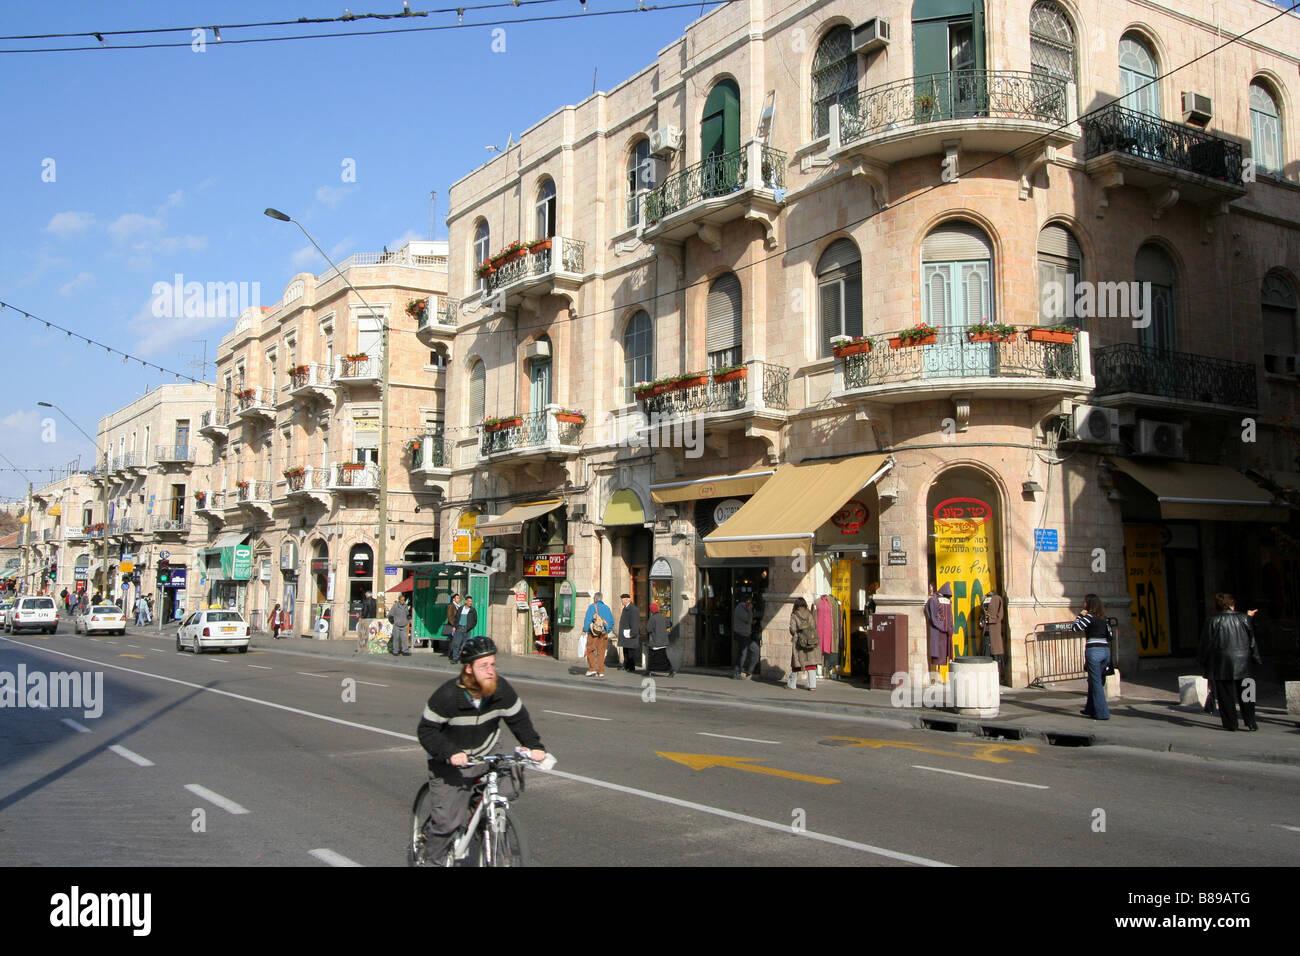 Bearded cyclist on Jaffa Road in Jerusalem - Stock Image